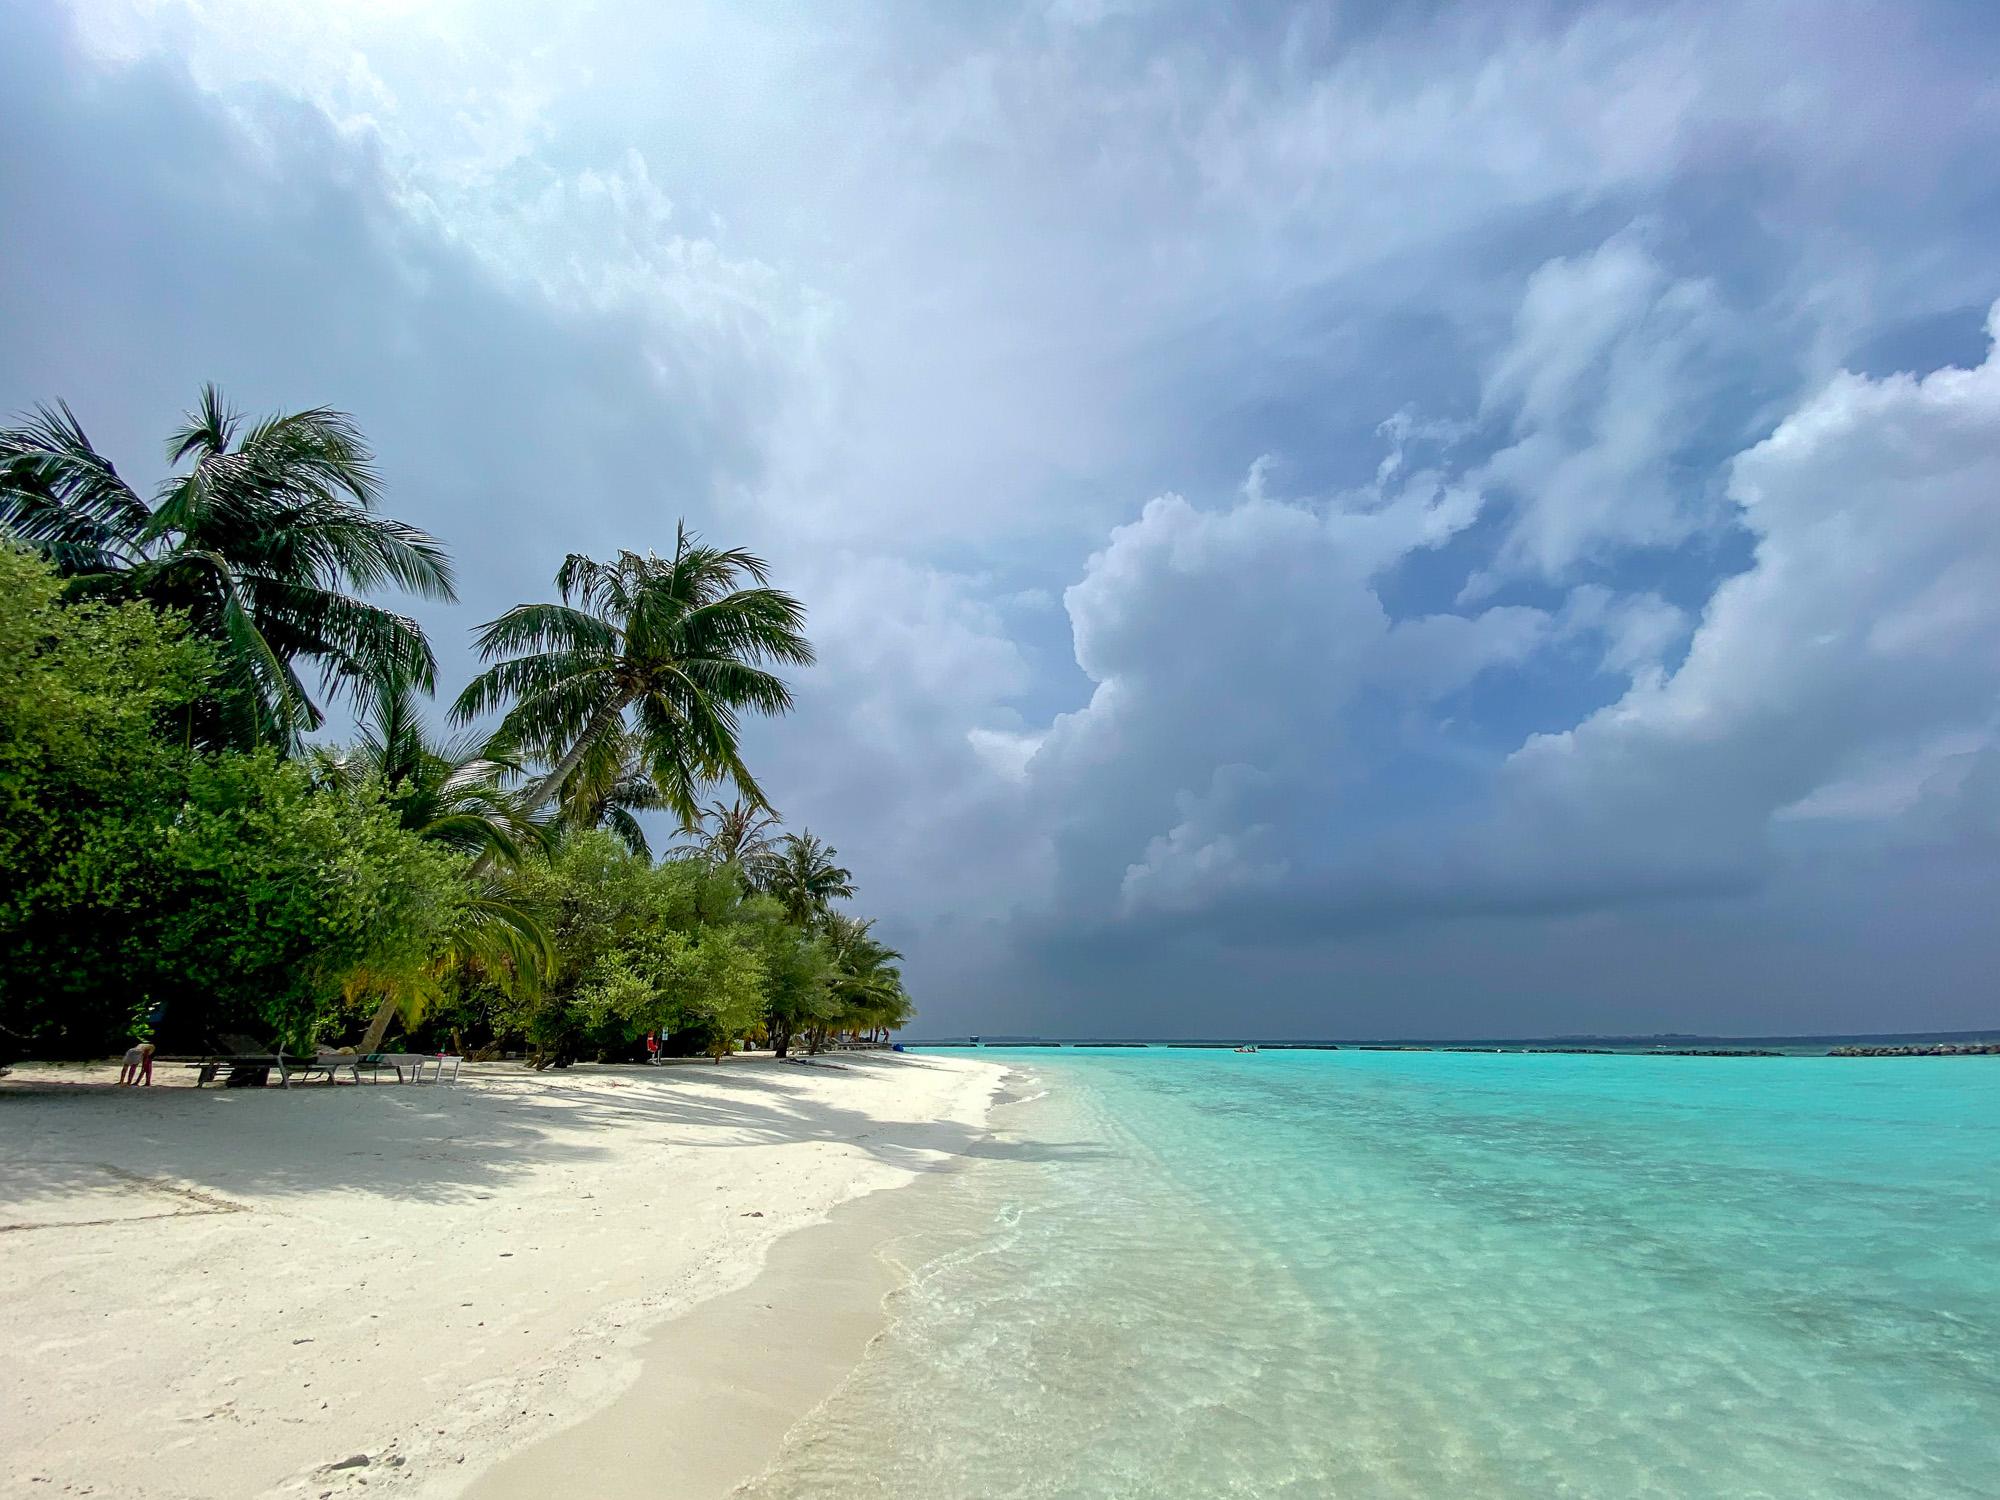 Пальмы Курамба Мальдивы 2021